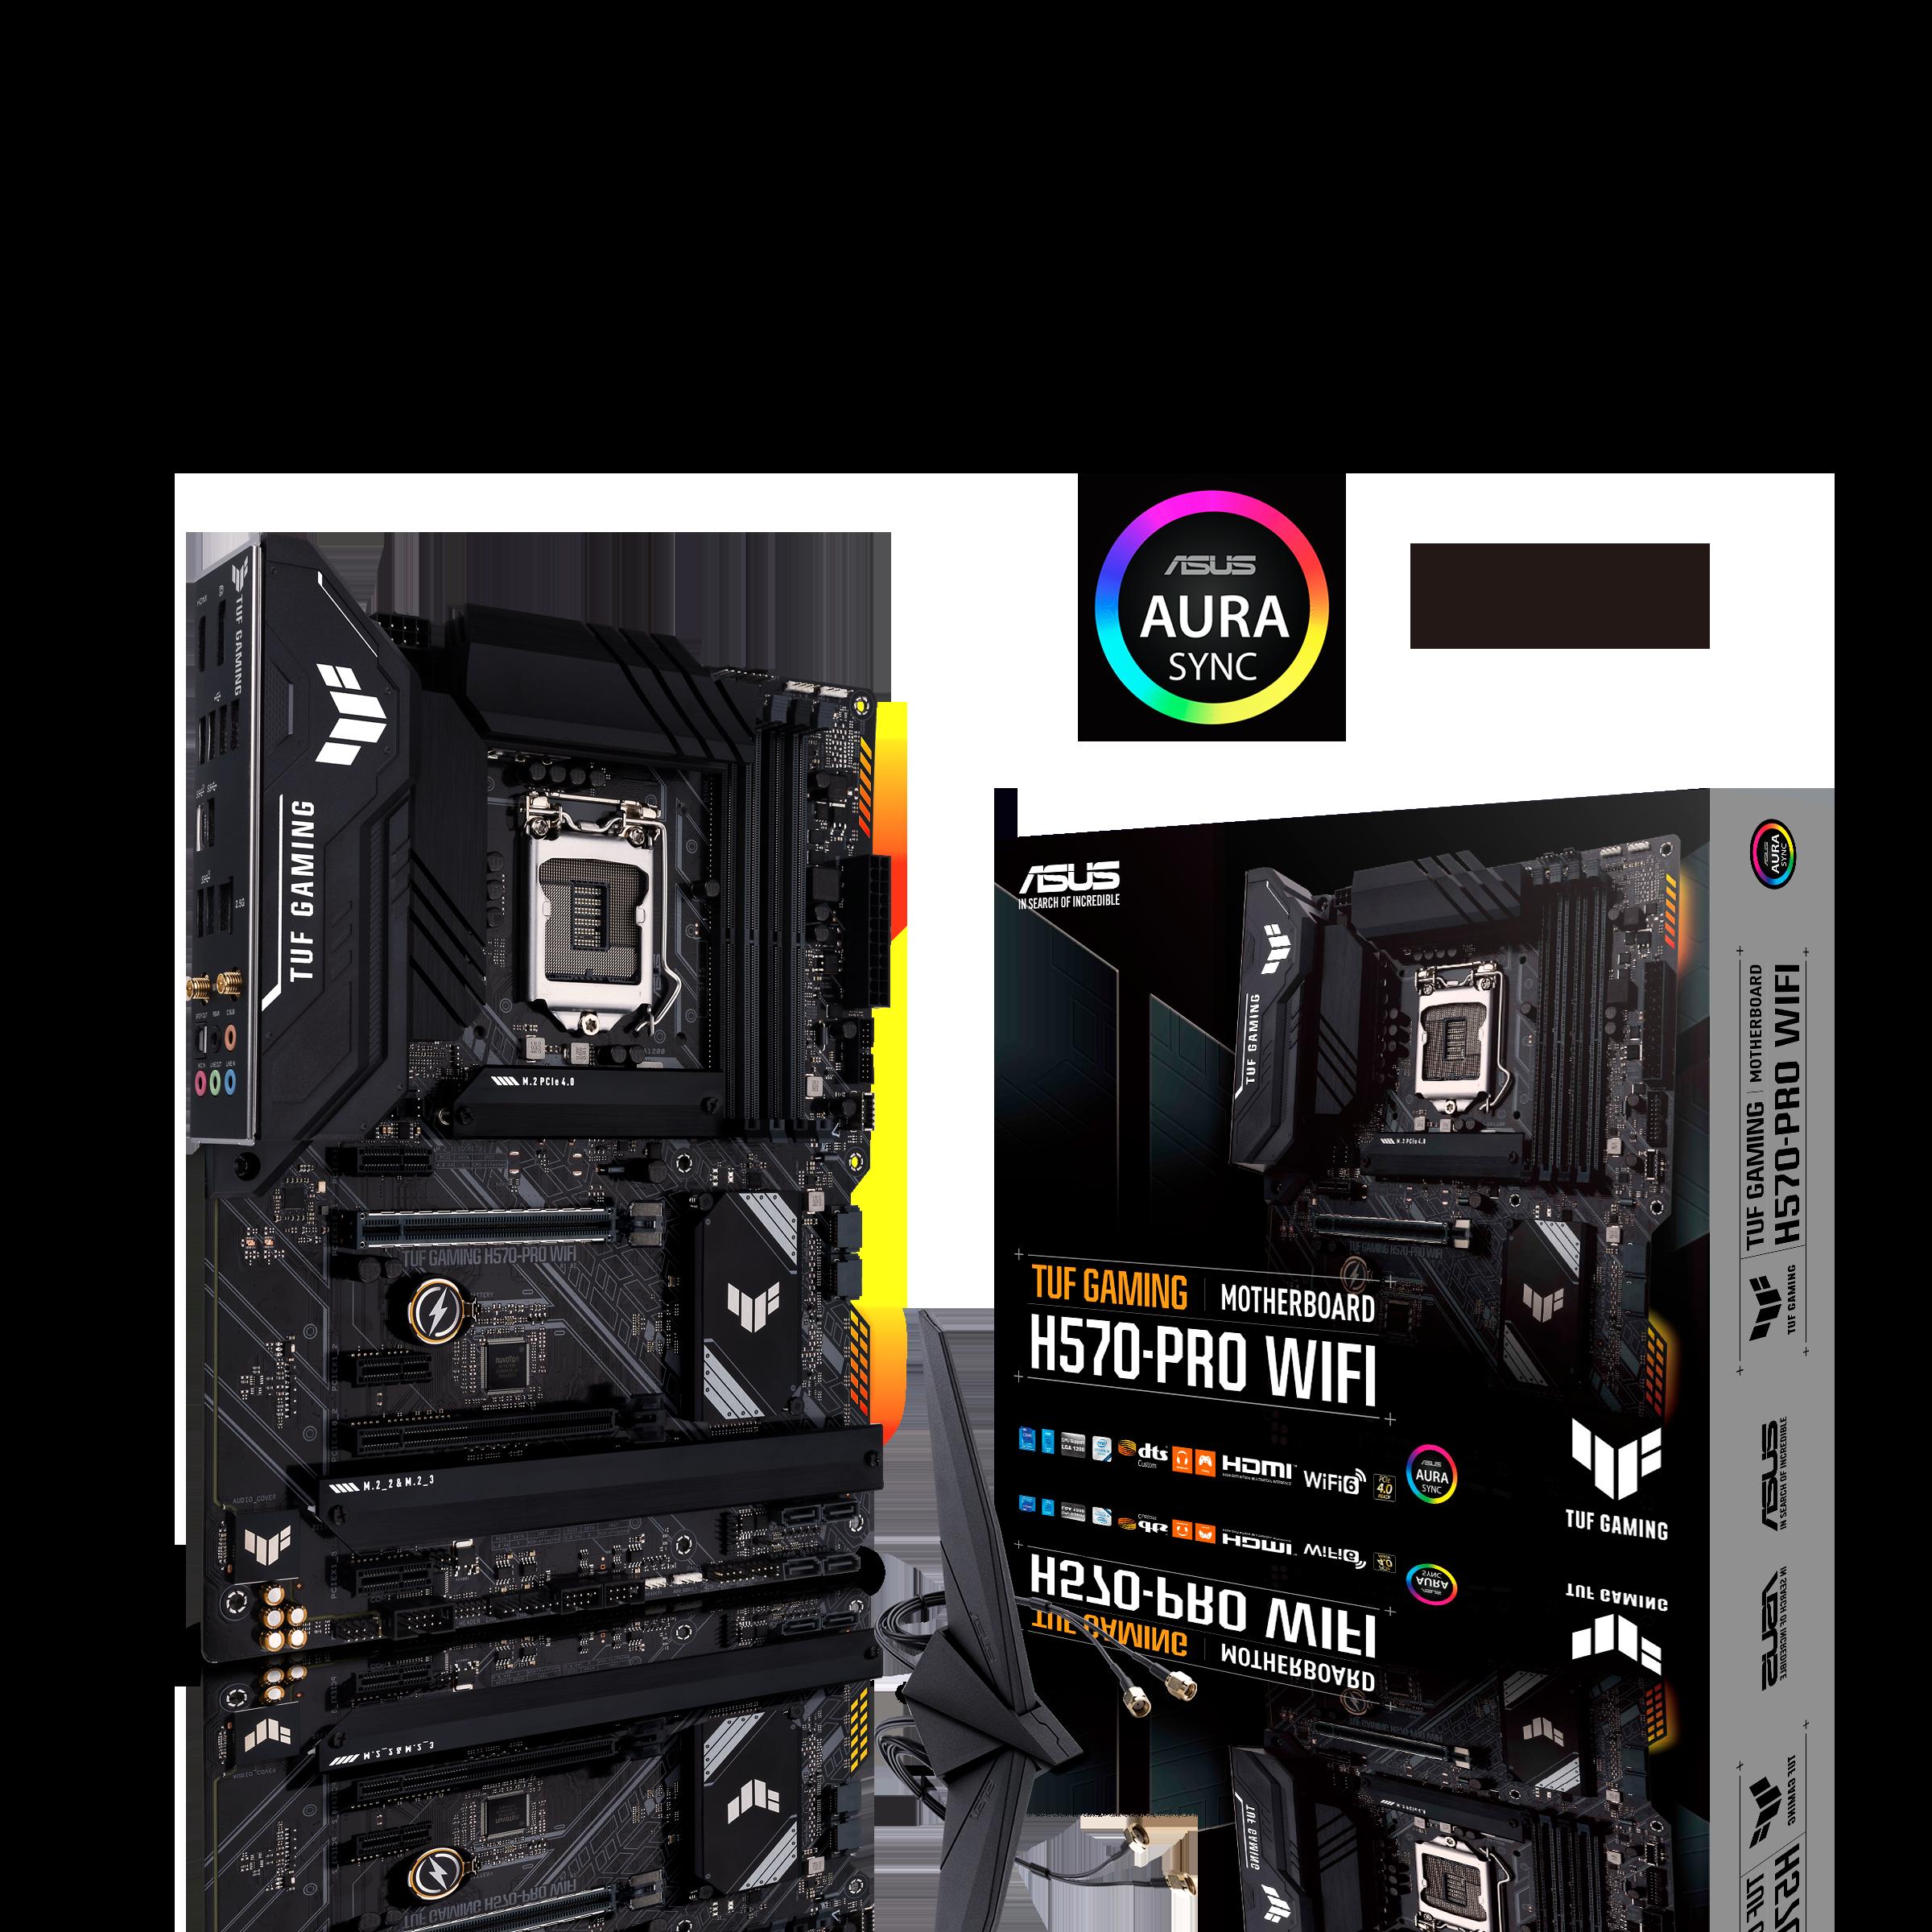 TUF GAMING H570-PRO WIFI